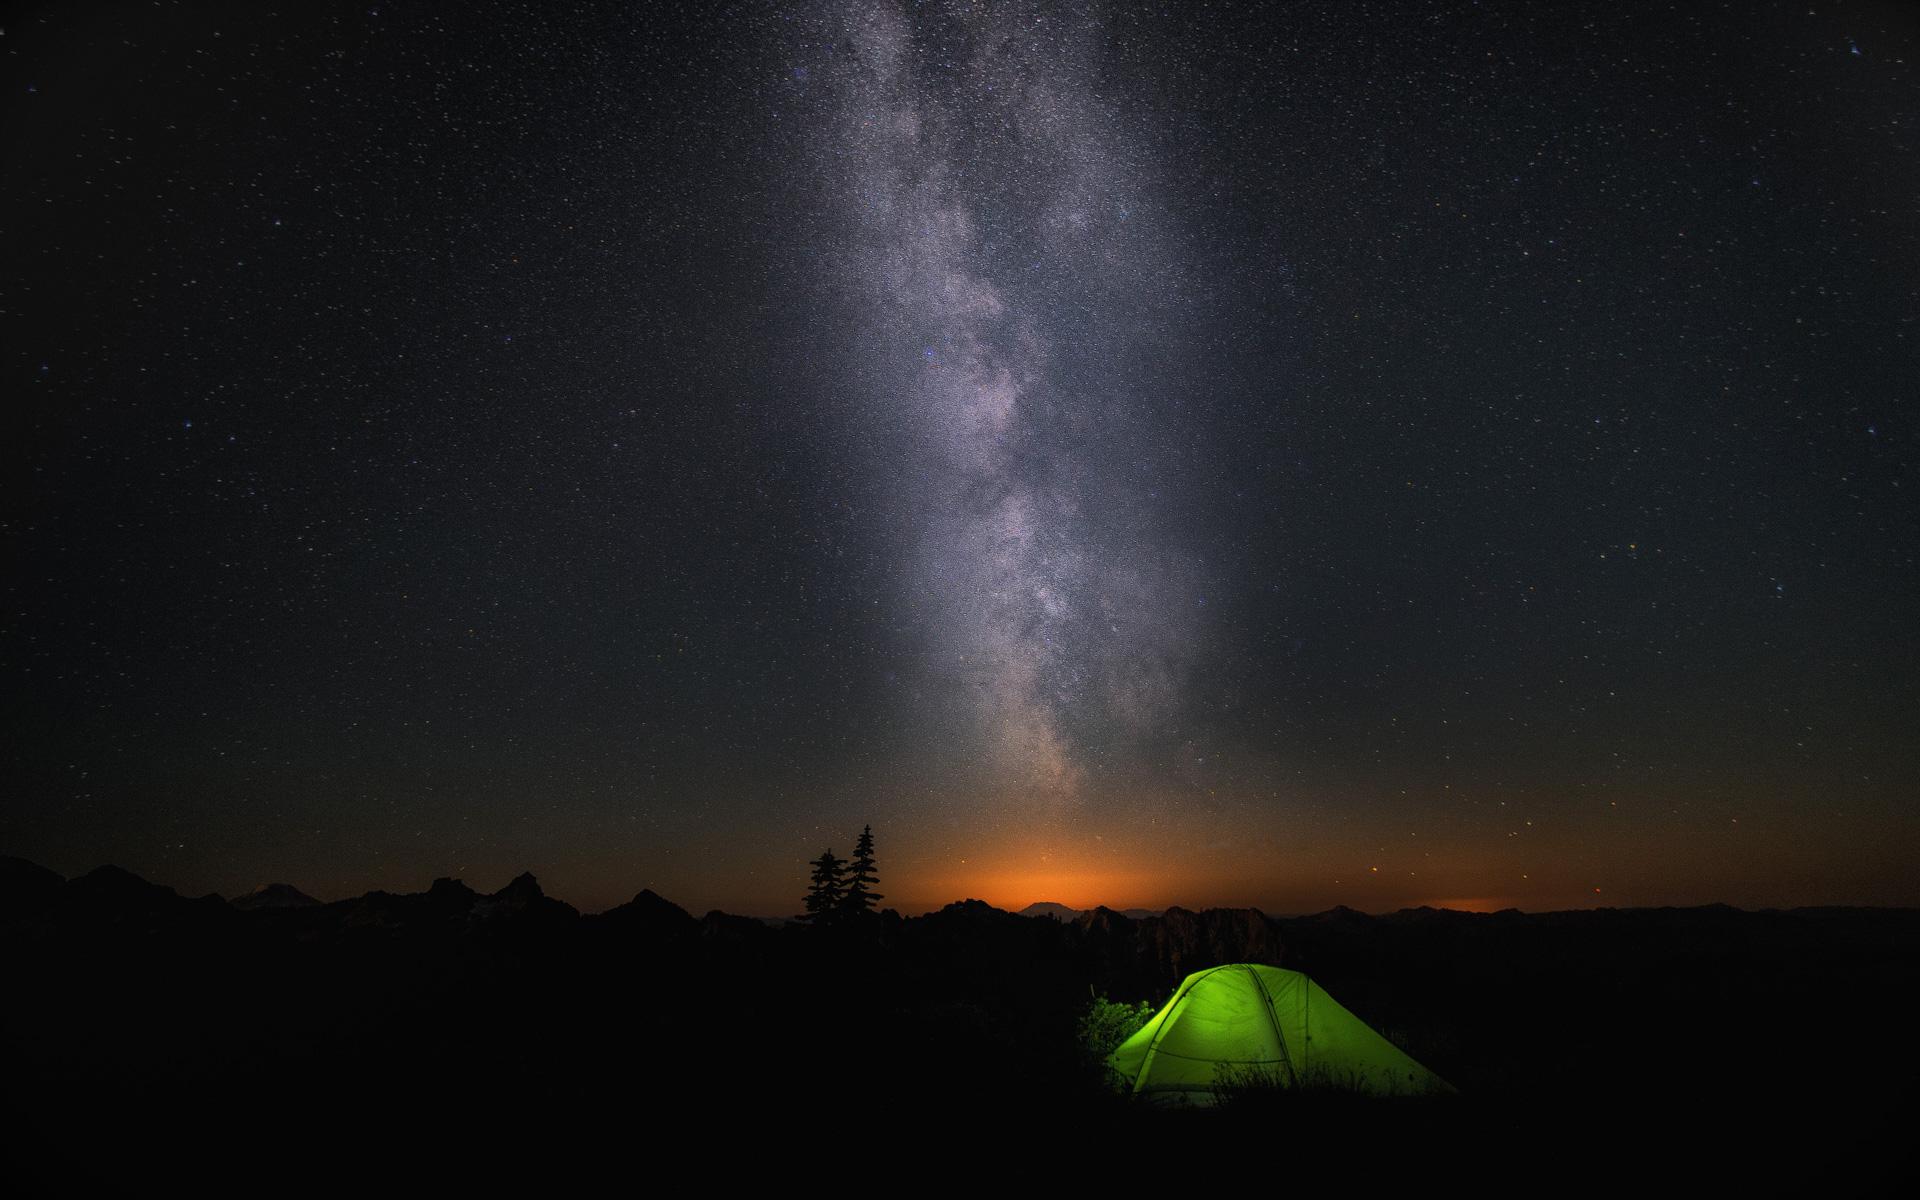 Ночью лагерь небе звезды. обои скачать